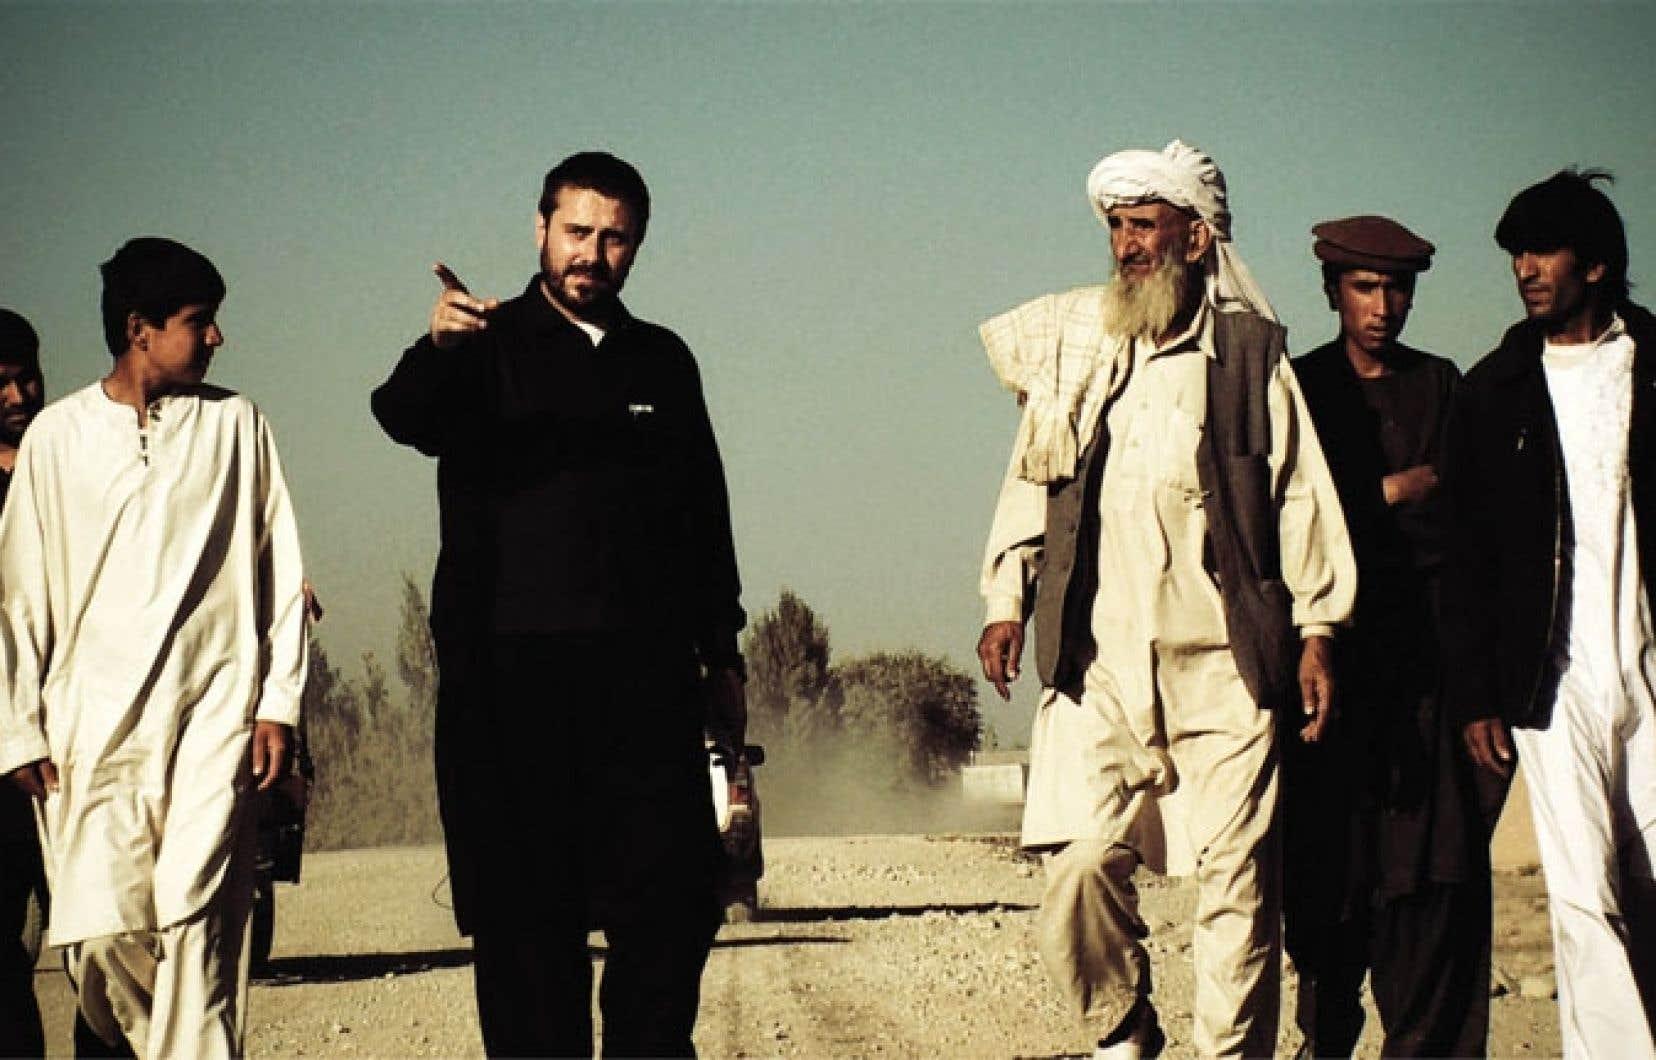 Extrait du documentaire Dirty Wars, de Rick Rowley